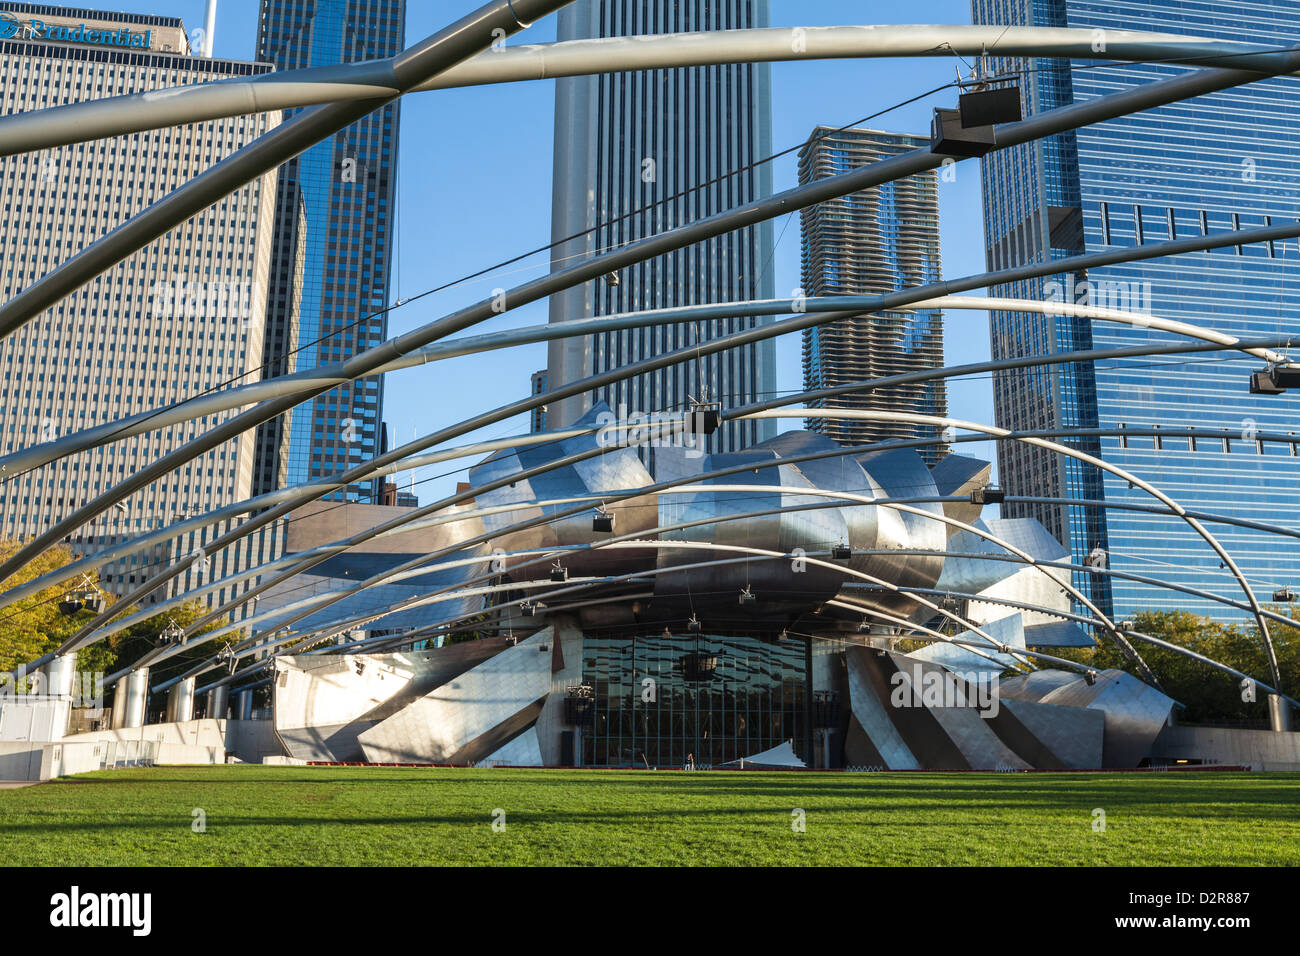 Jay Pritzker Pavilion, entworfen von Frank Gehry, Millennium Park, Chicago, Illinois, Vereinigte Staaten von Amerika, Stockbild